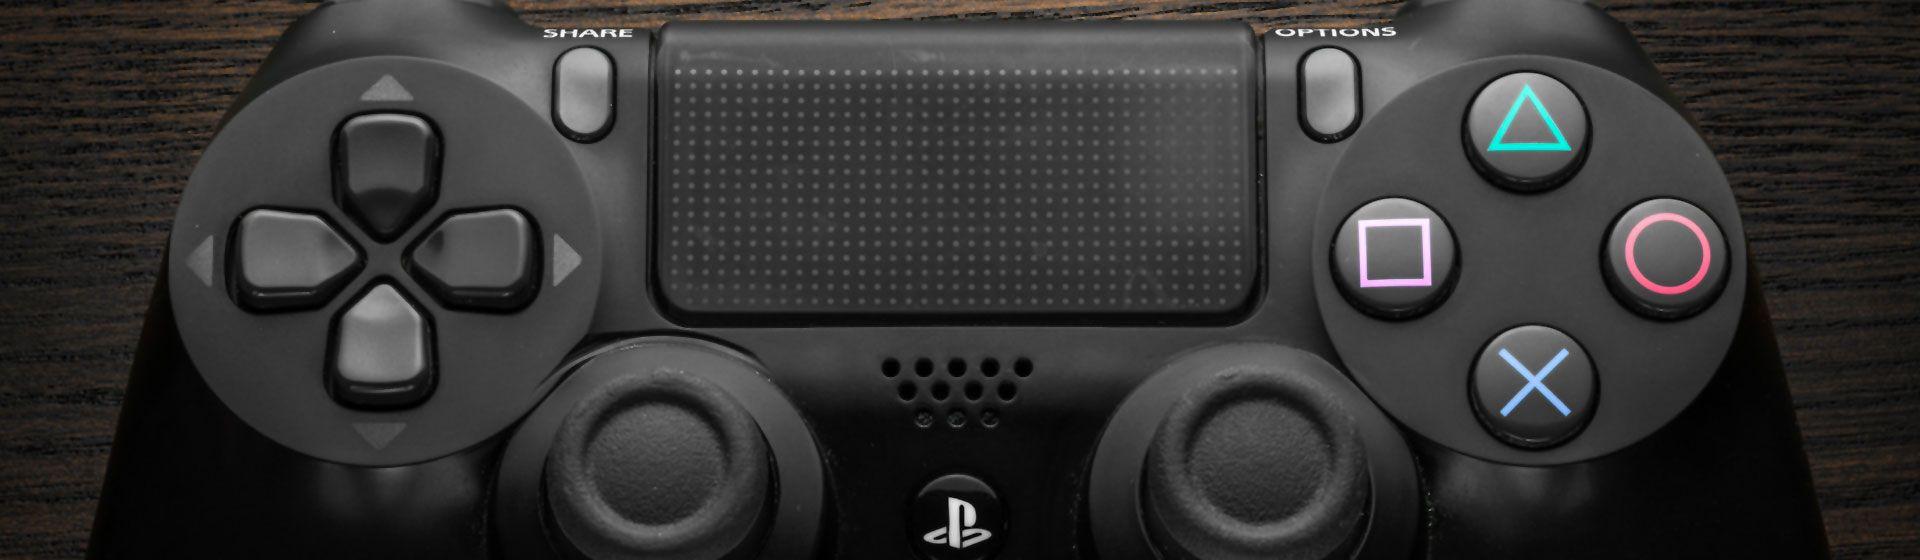 Como usar controle de PS4 no PC: veja passo a passo